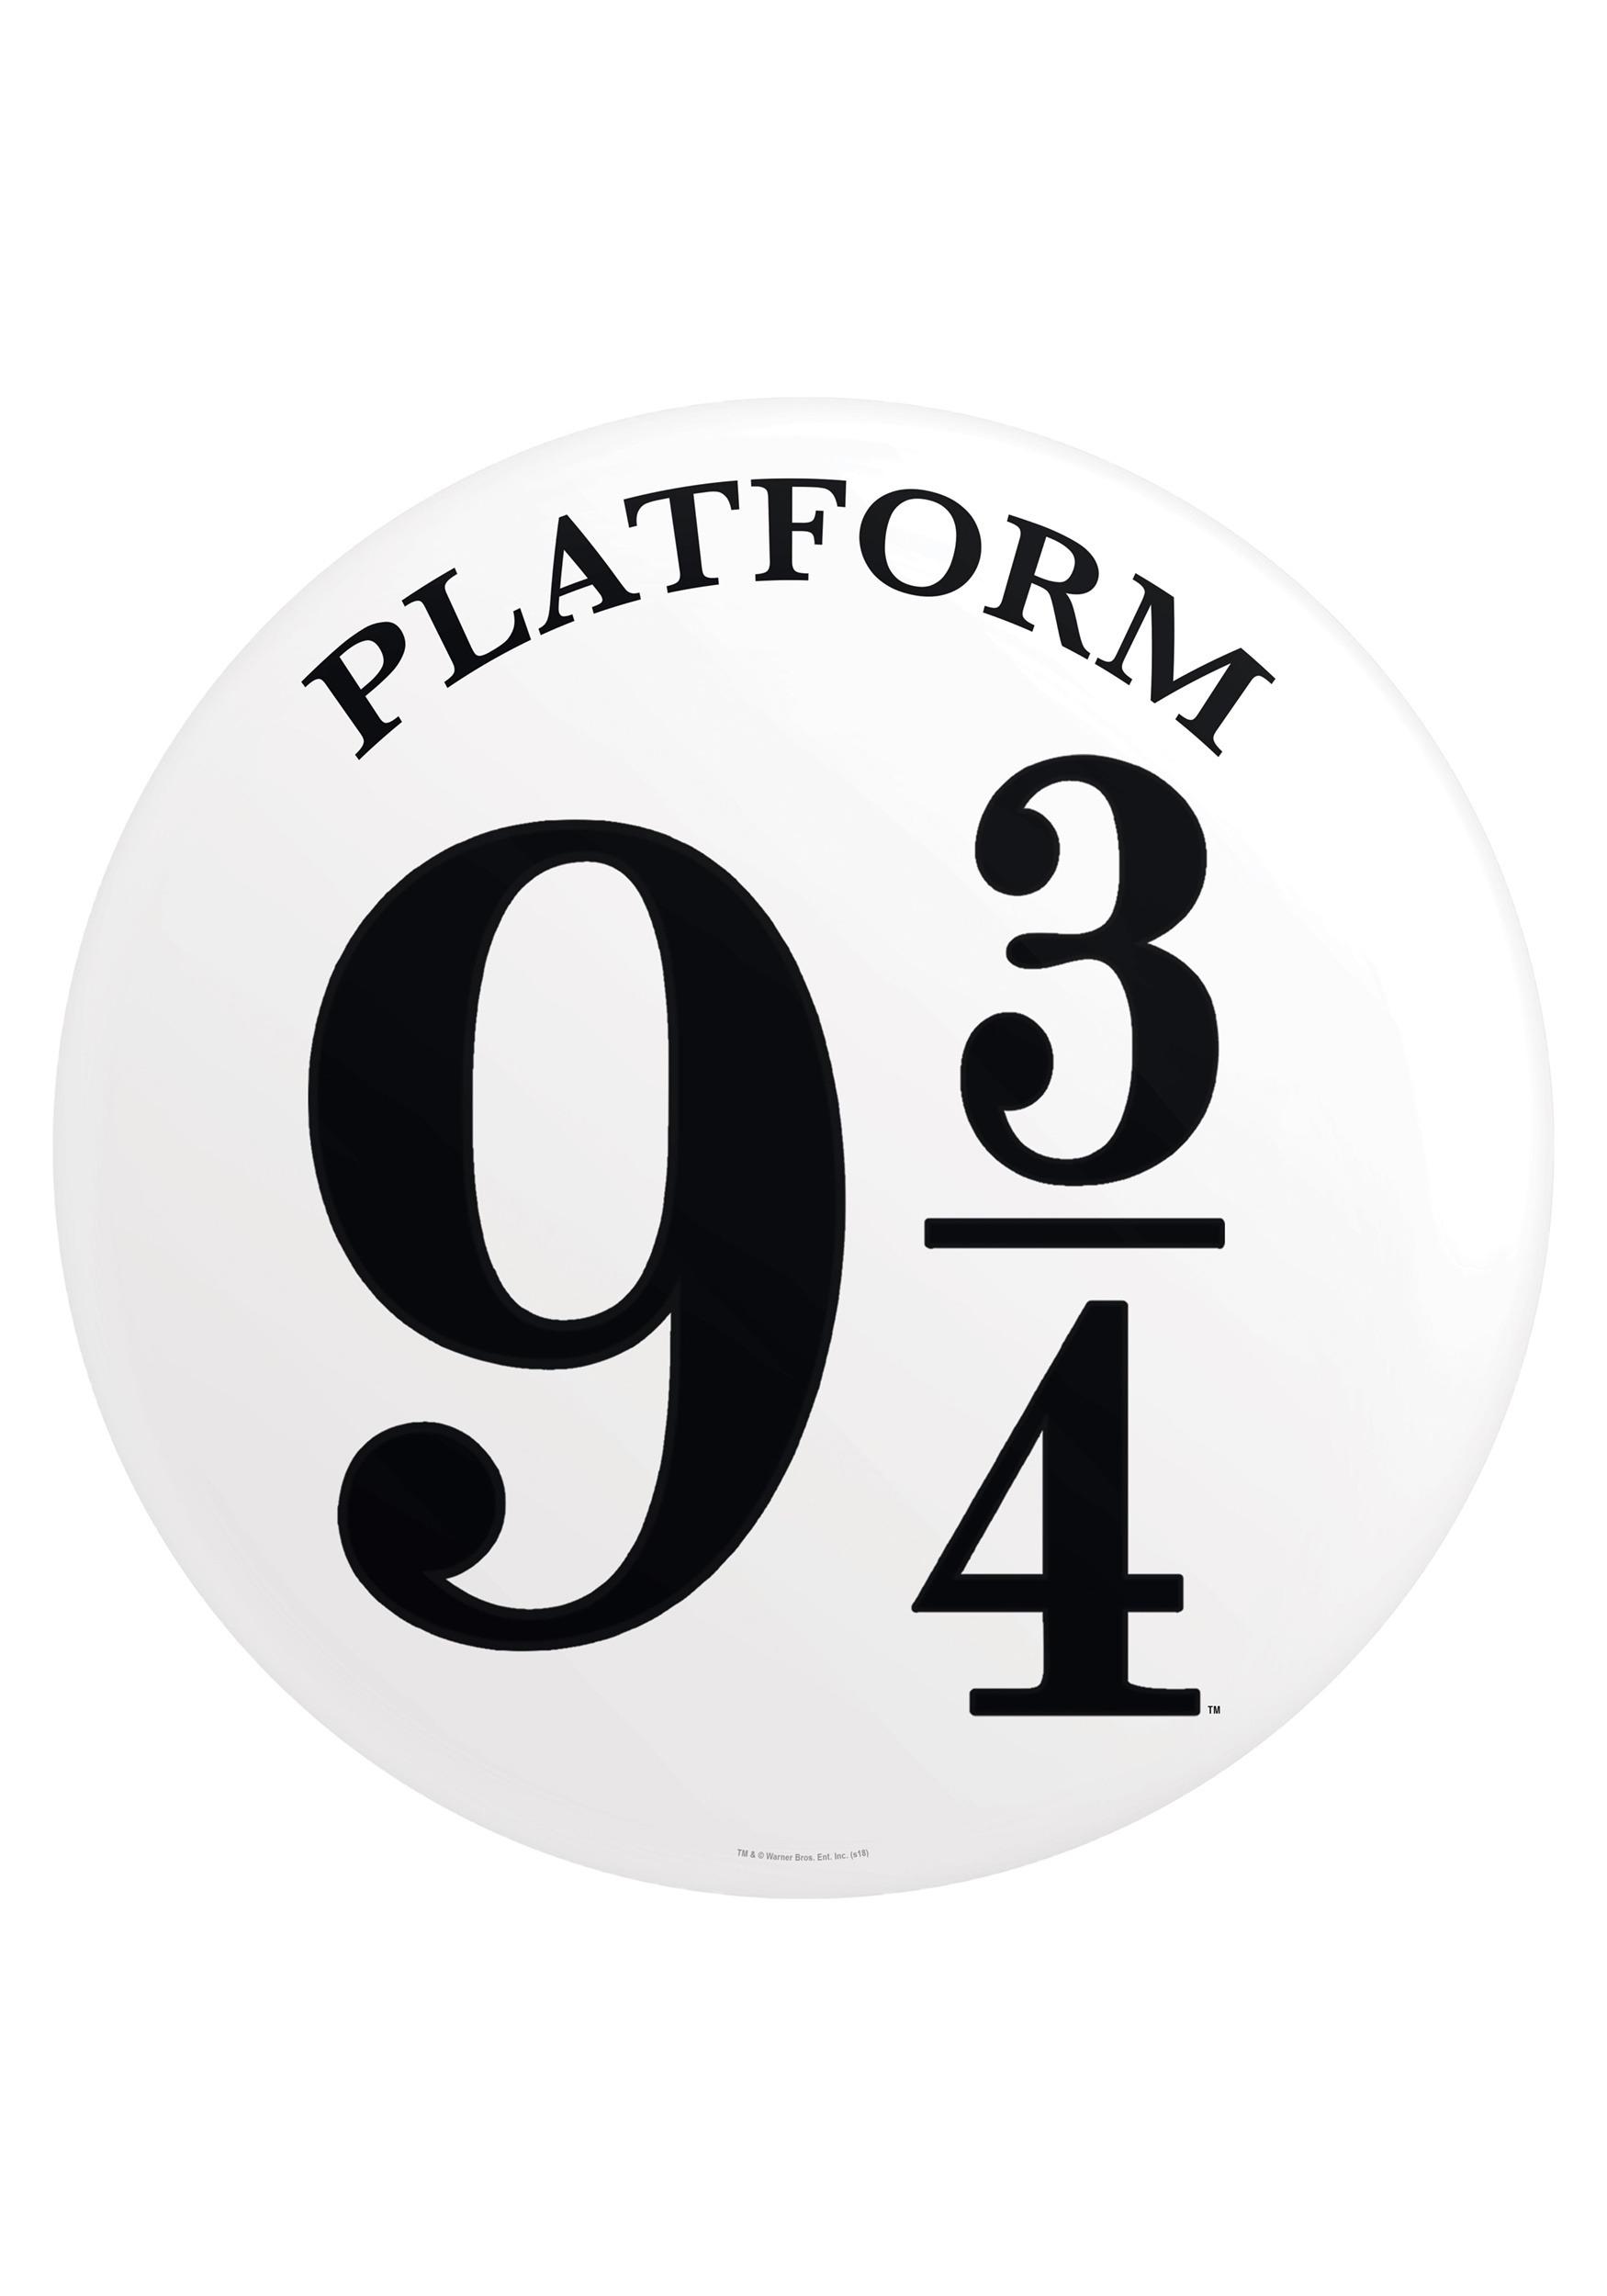 ec402fbf0d19da Harry Potter Platform 9 3 4 Tin Sign